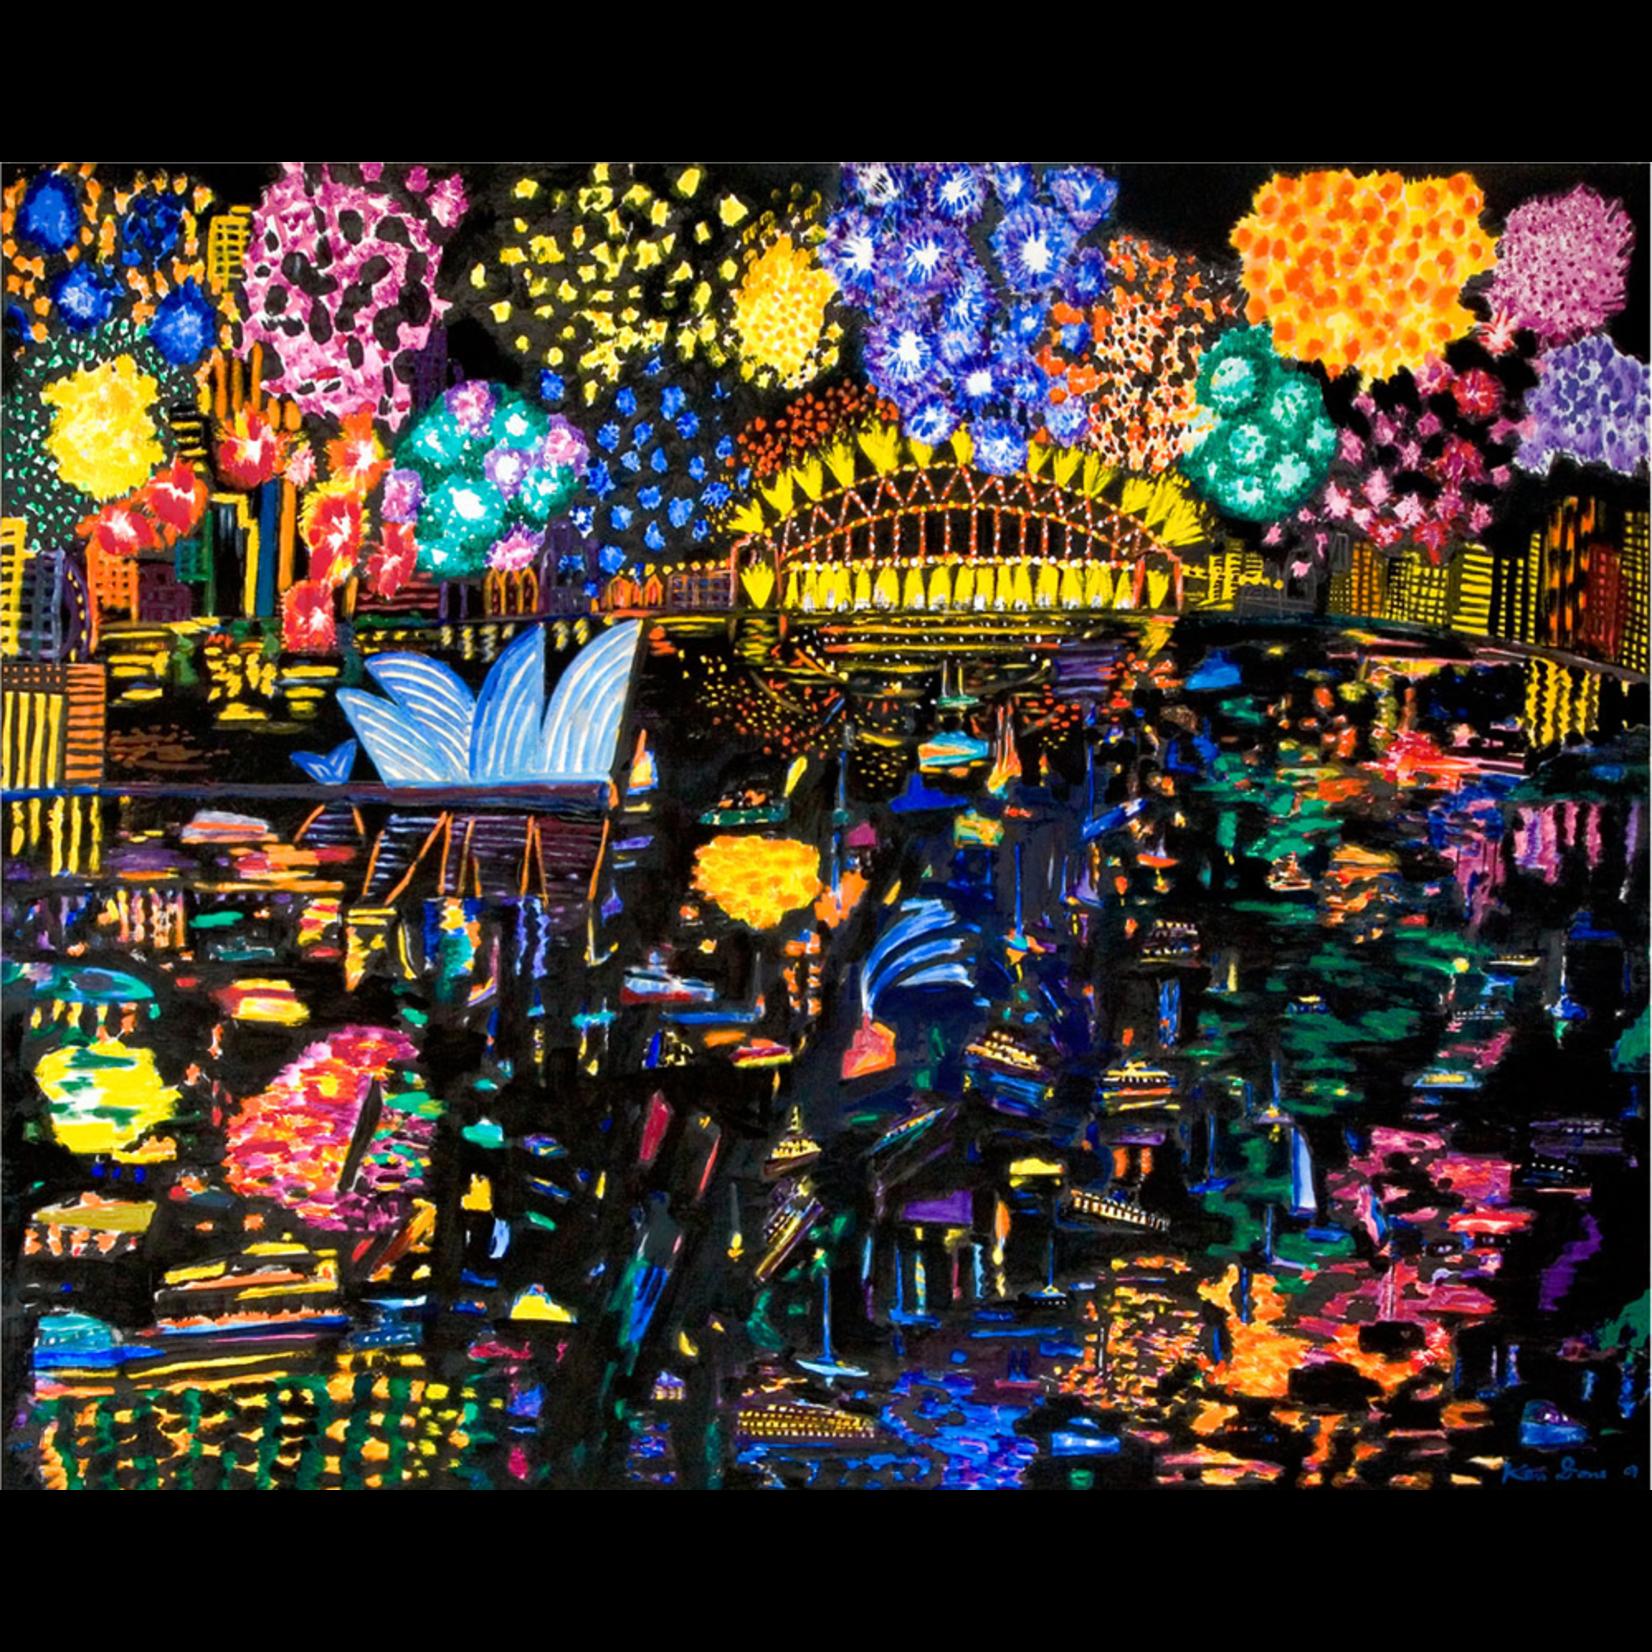 Limited Edition Prints Sydney celebration, 2007